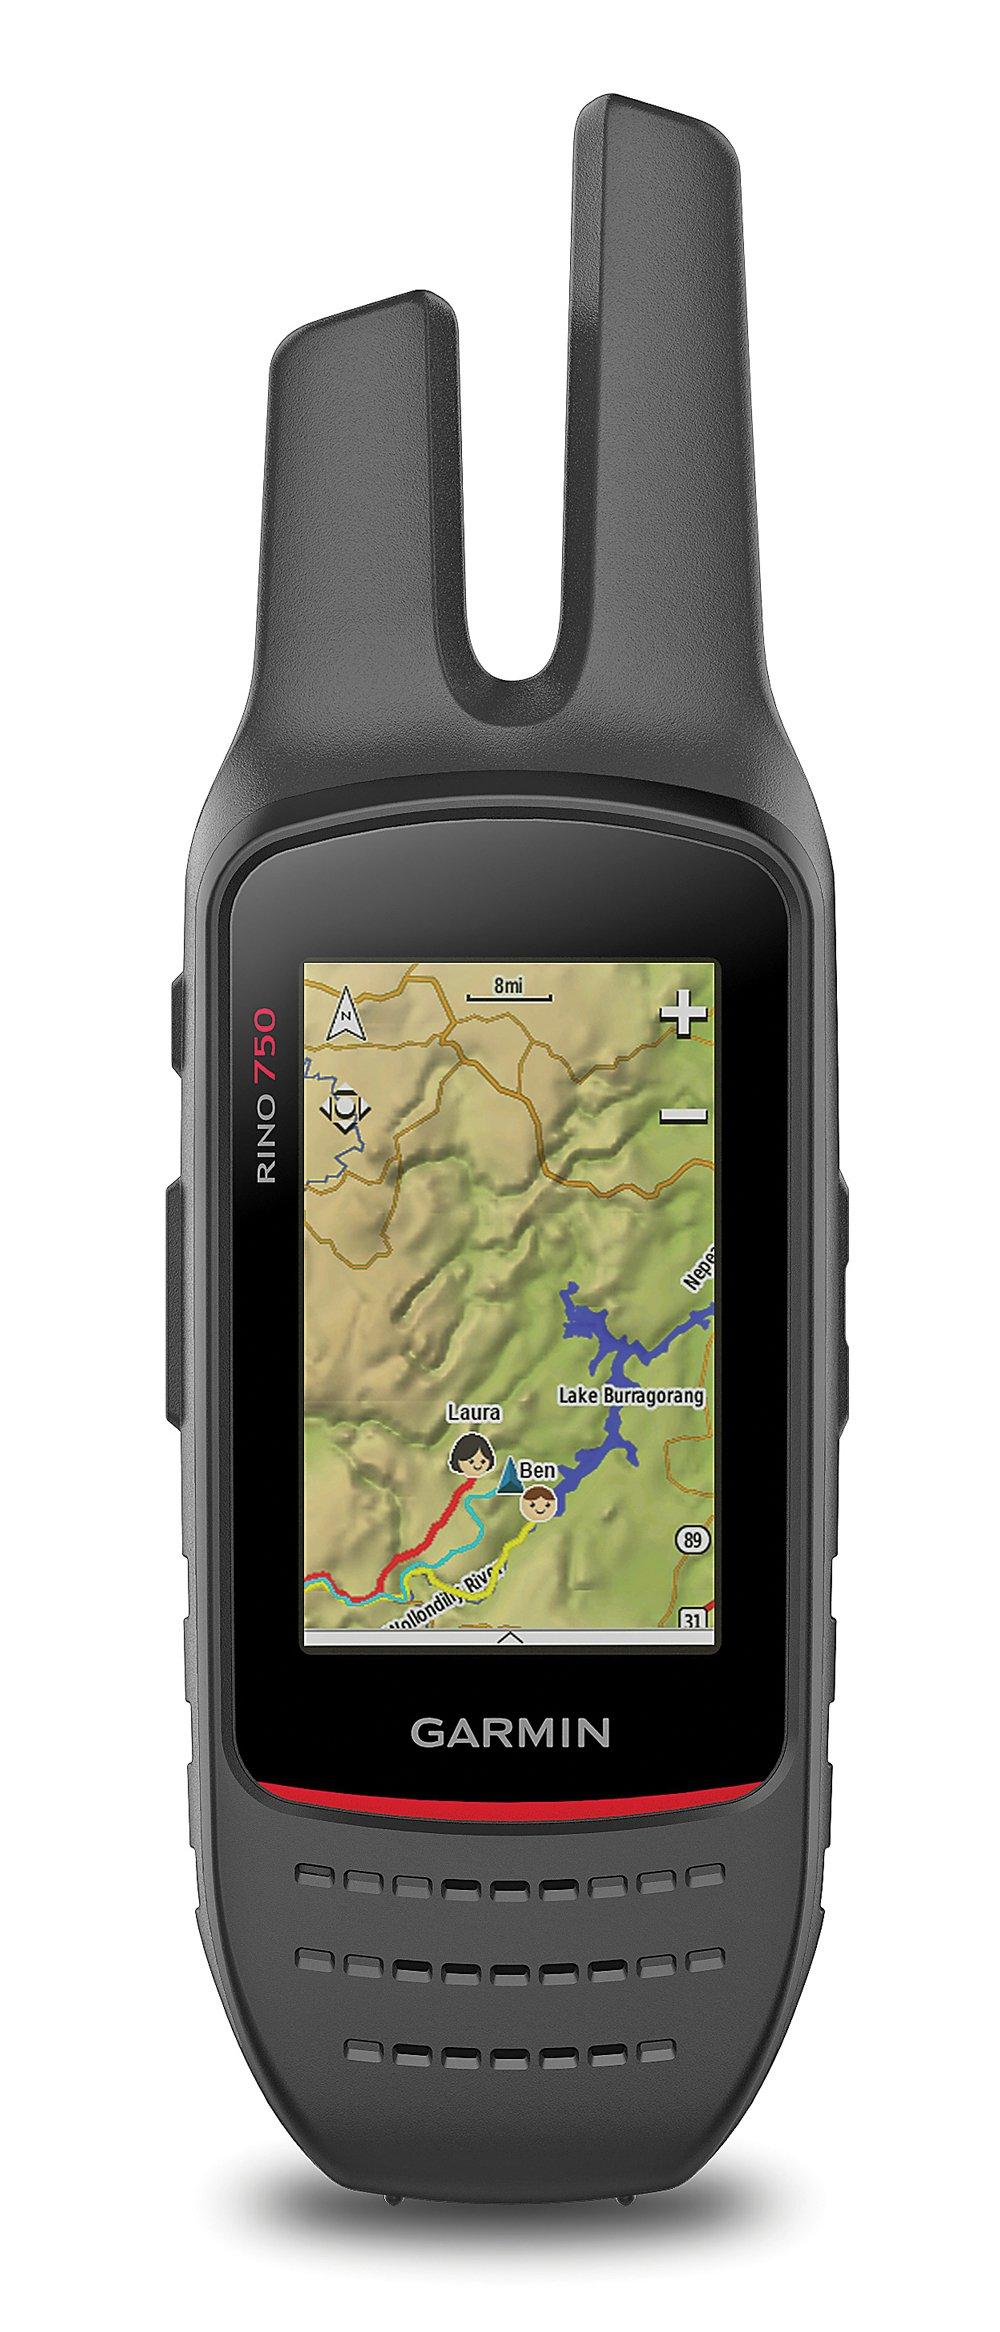 Garmin Rino 750 GPS unit